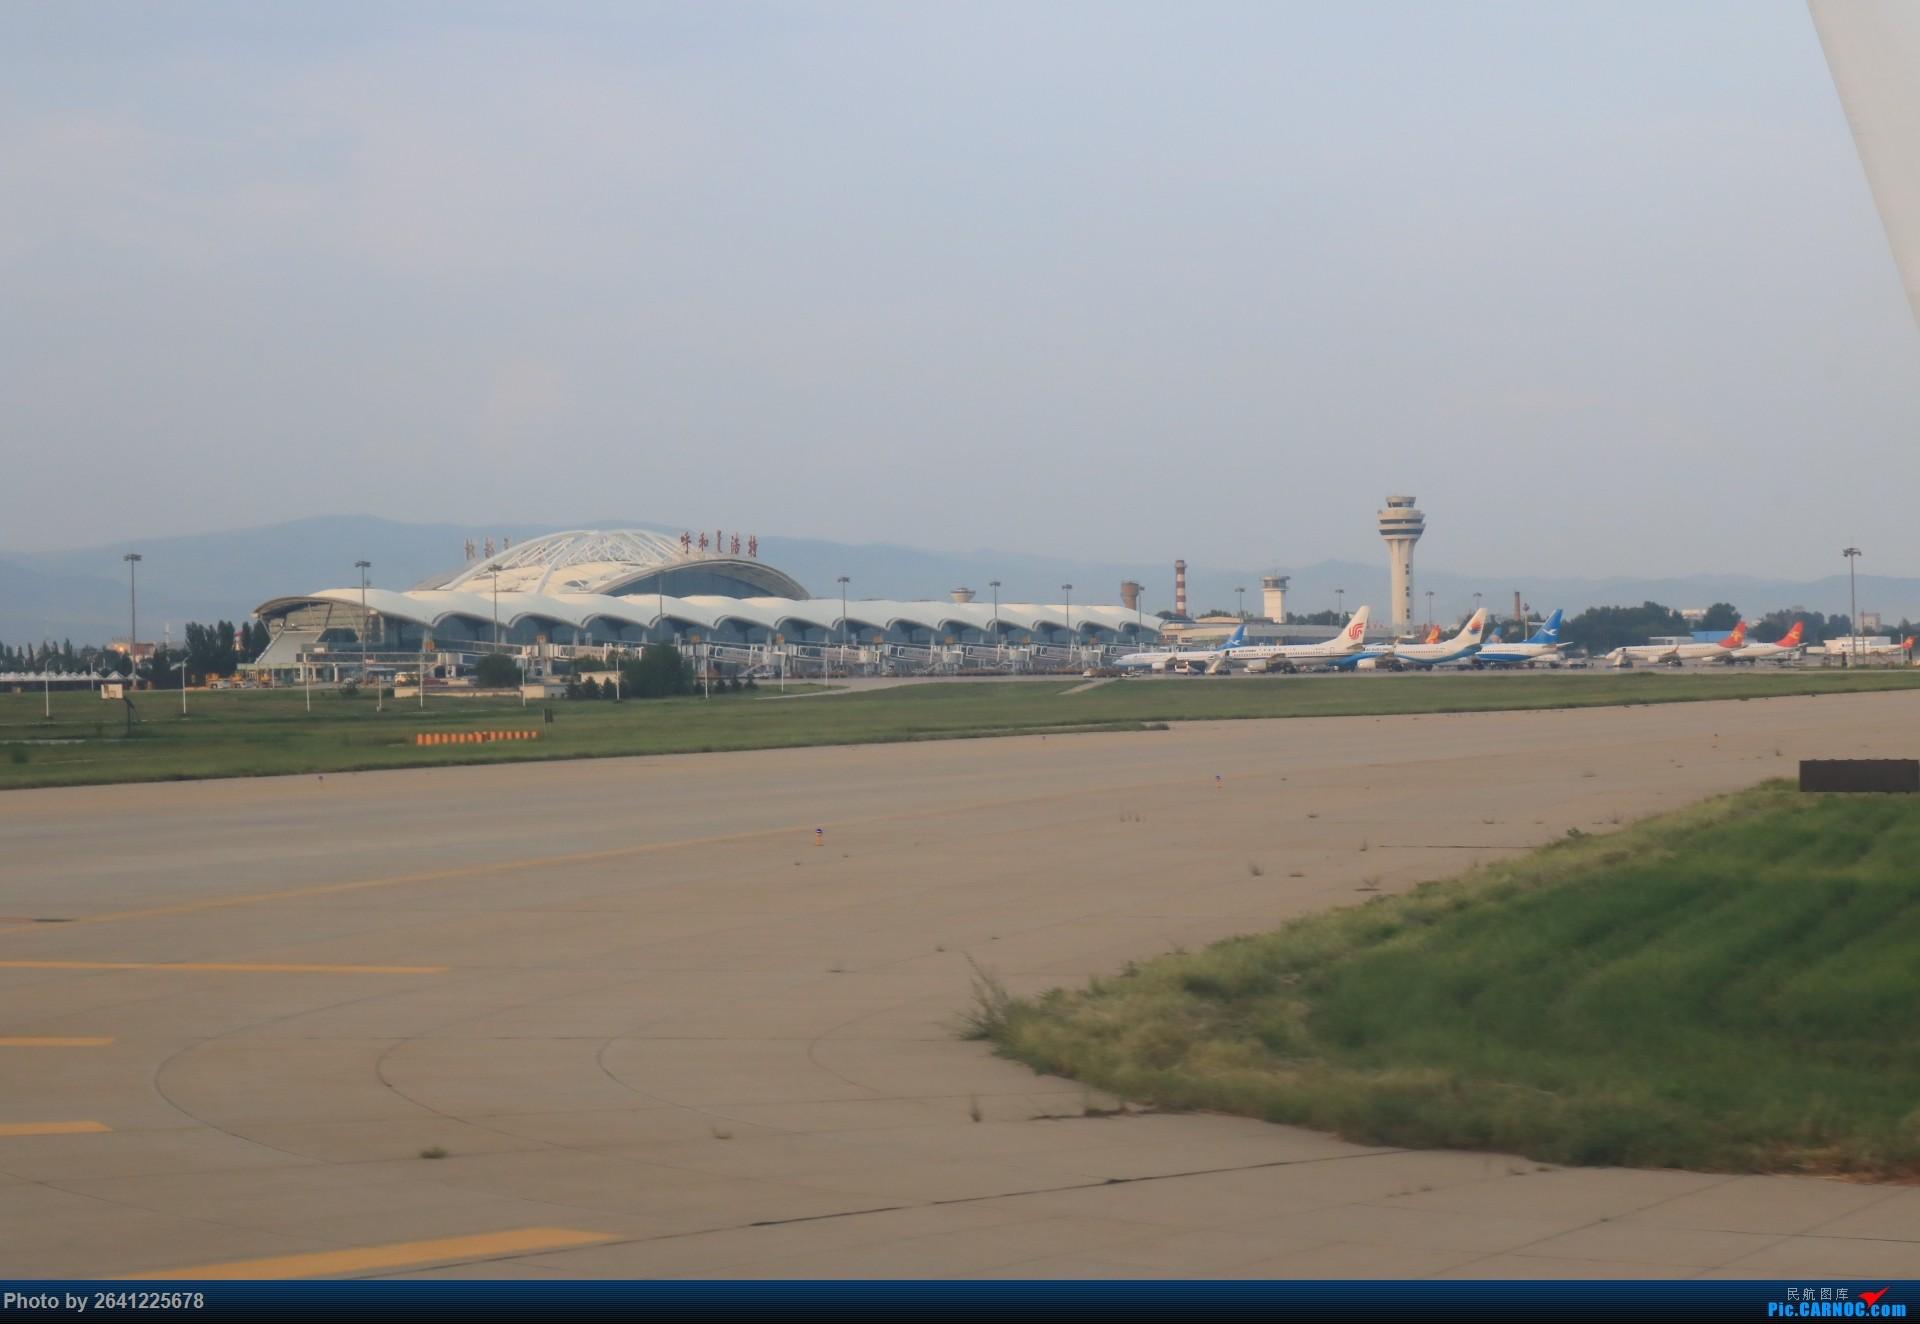 Re:[原创]【小周游记第3集】草原茫茫天地间,洁白的蒙古包散落在河边——内蒙古5天4飞半自由行(宽体与支线客机初体验)有flight log和驾驶舱哦(正在更新) BOEING 737-800 B-1947 中国呼和浩特白塔国际机场 中国呼和浩特白塔国际机场